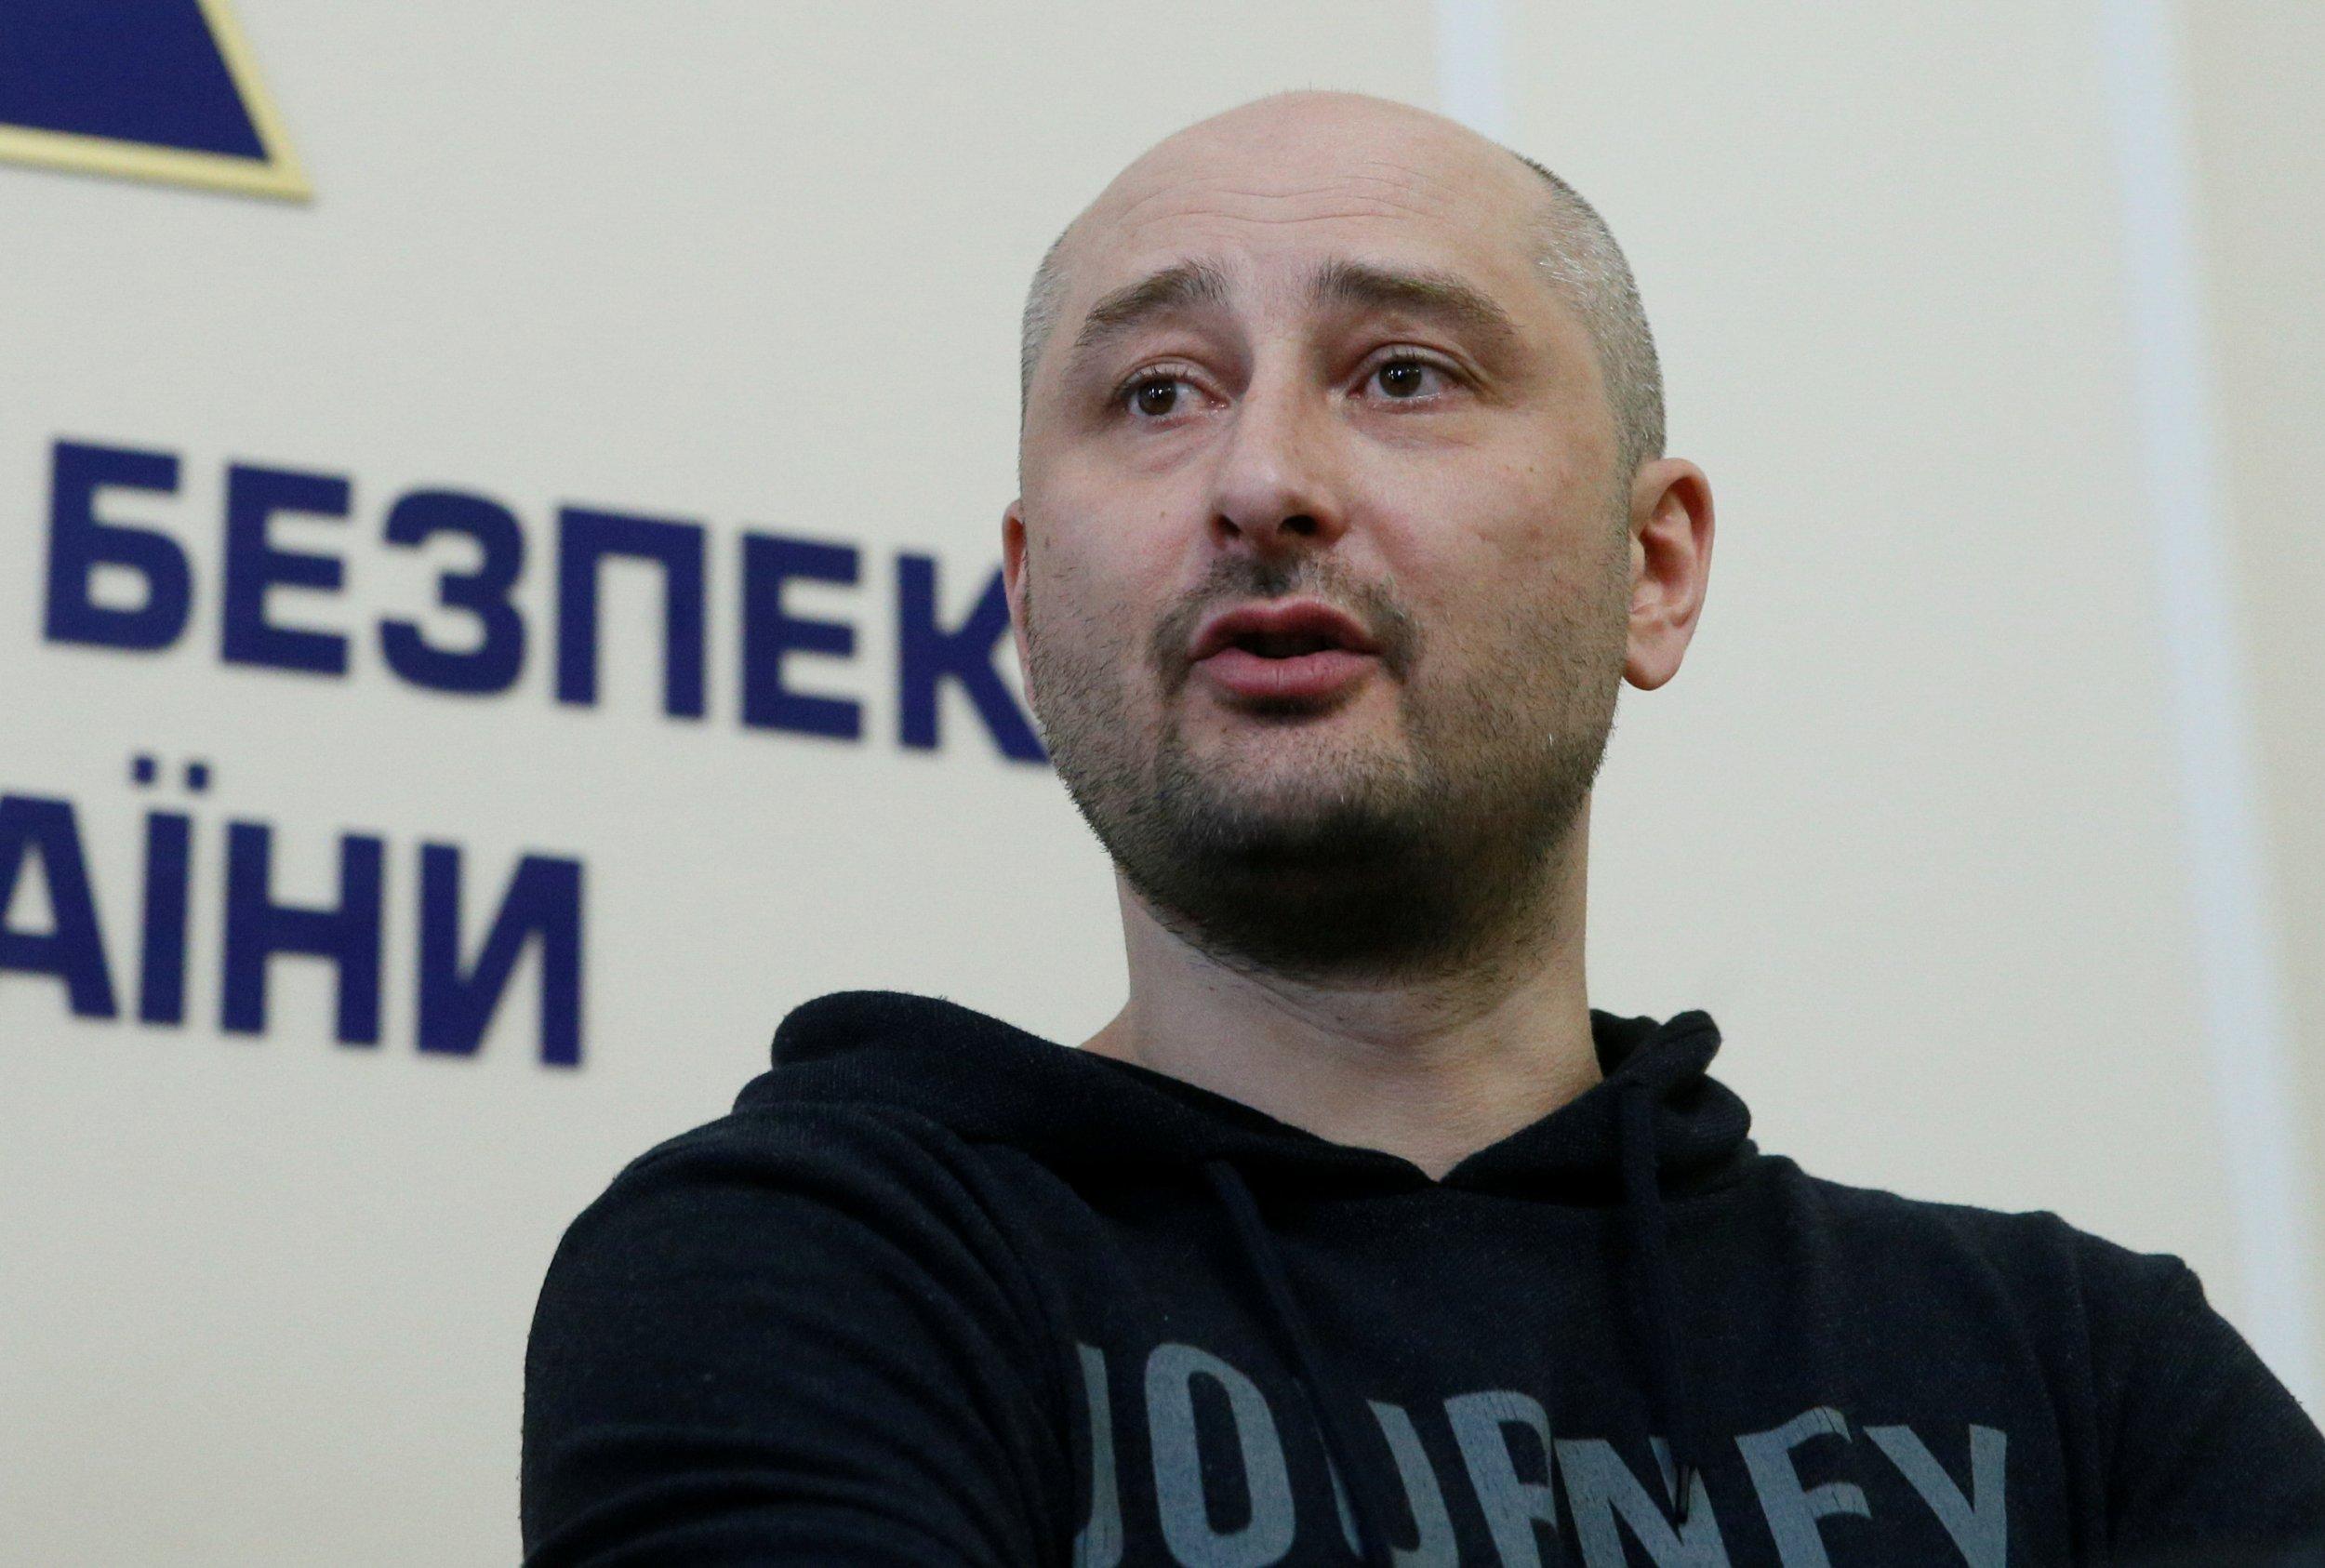 2018-05-30T150021Z_1_LYNXNPEE4T1D2_RTROPTP_4_UKRAINE-RUSSIA-JOURNALIST-ALIVE